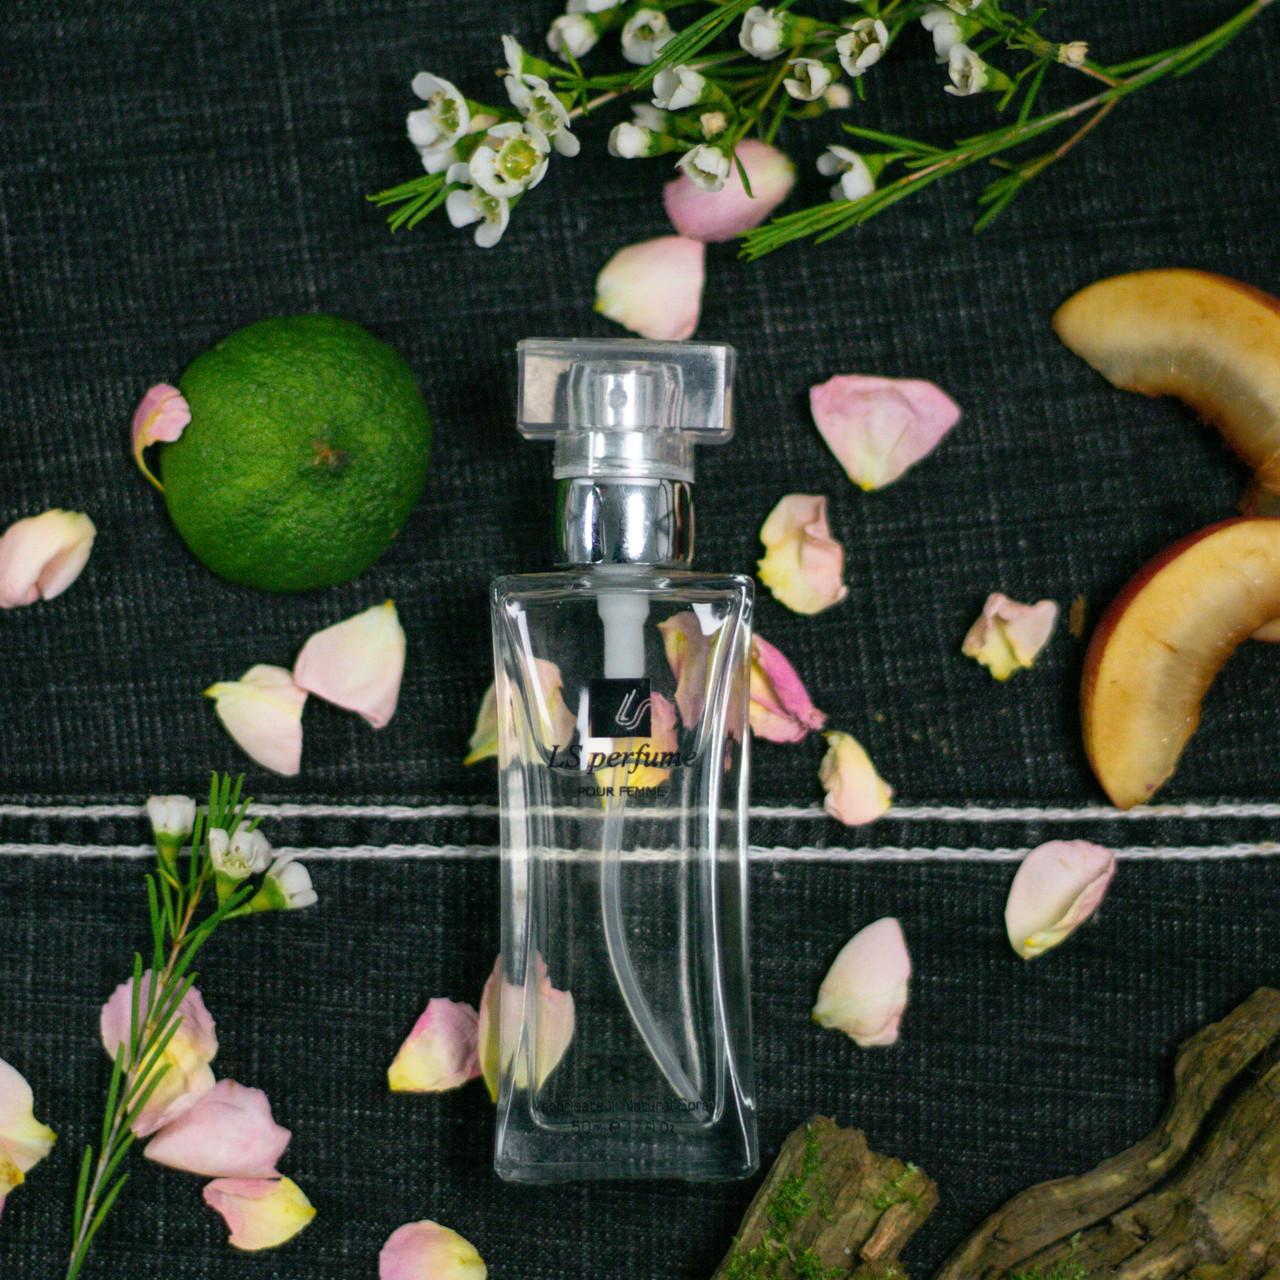 К253 по мотивам Fleur Narcotique, Ex Nihilo 50ml